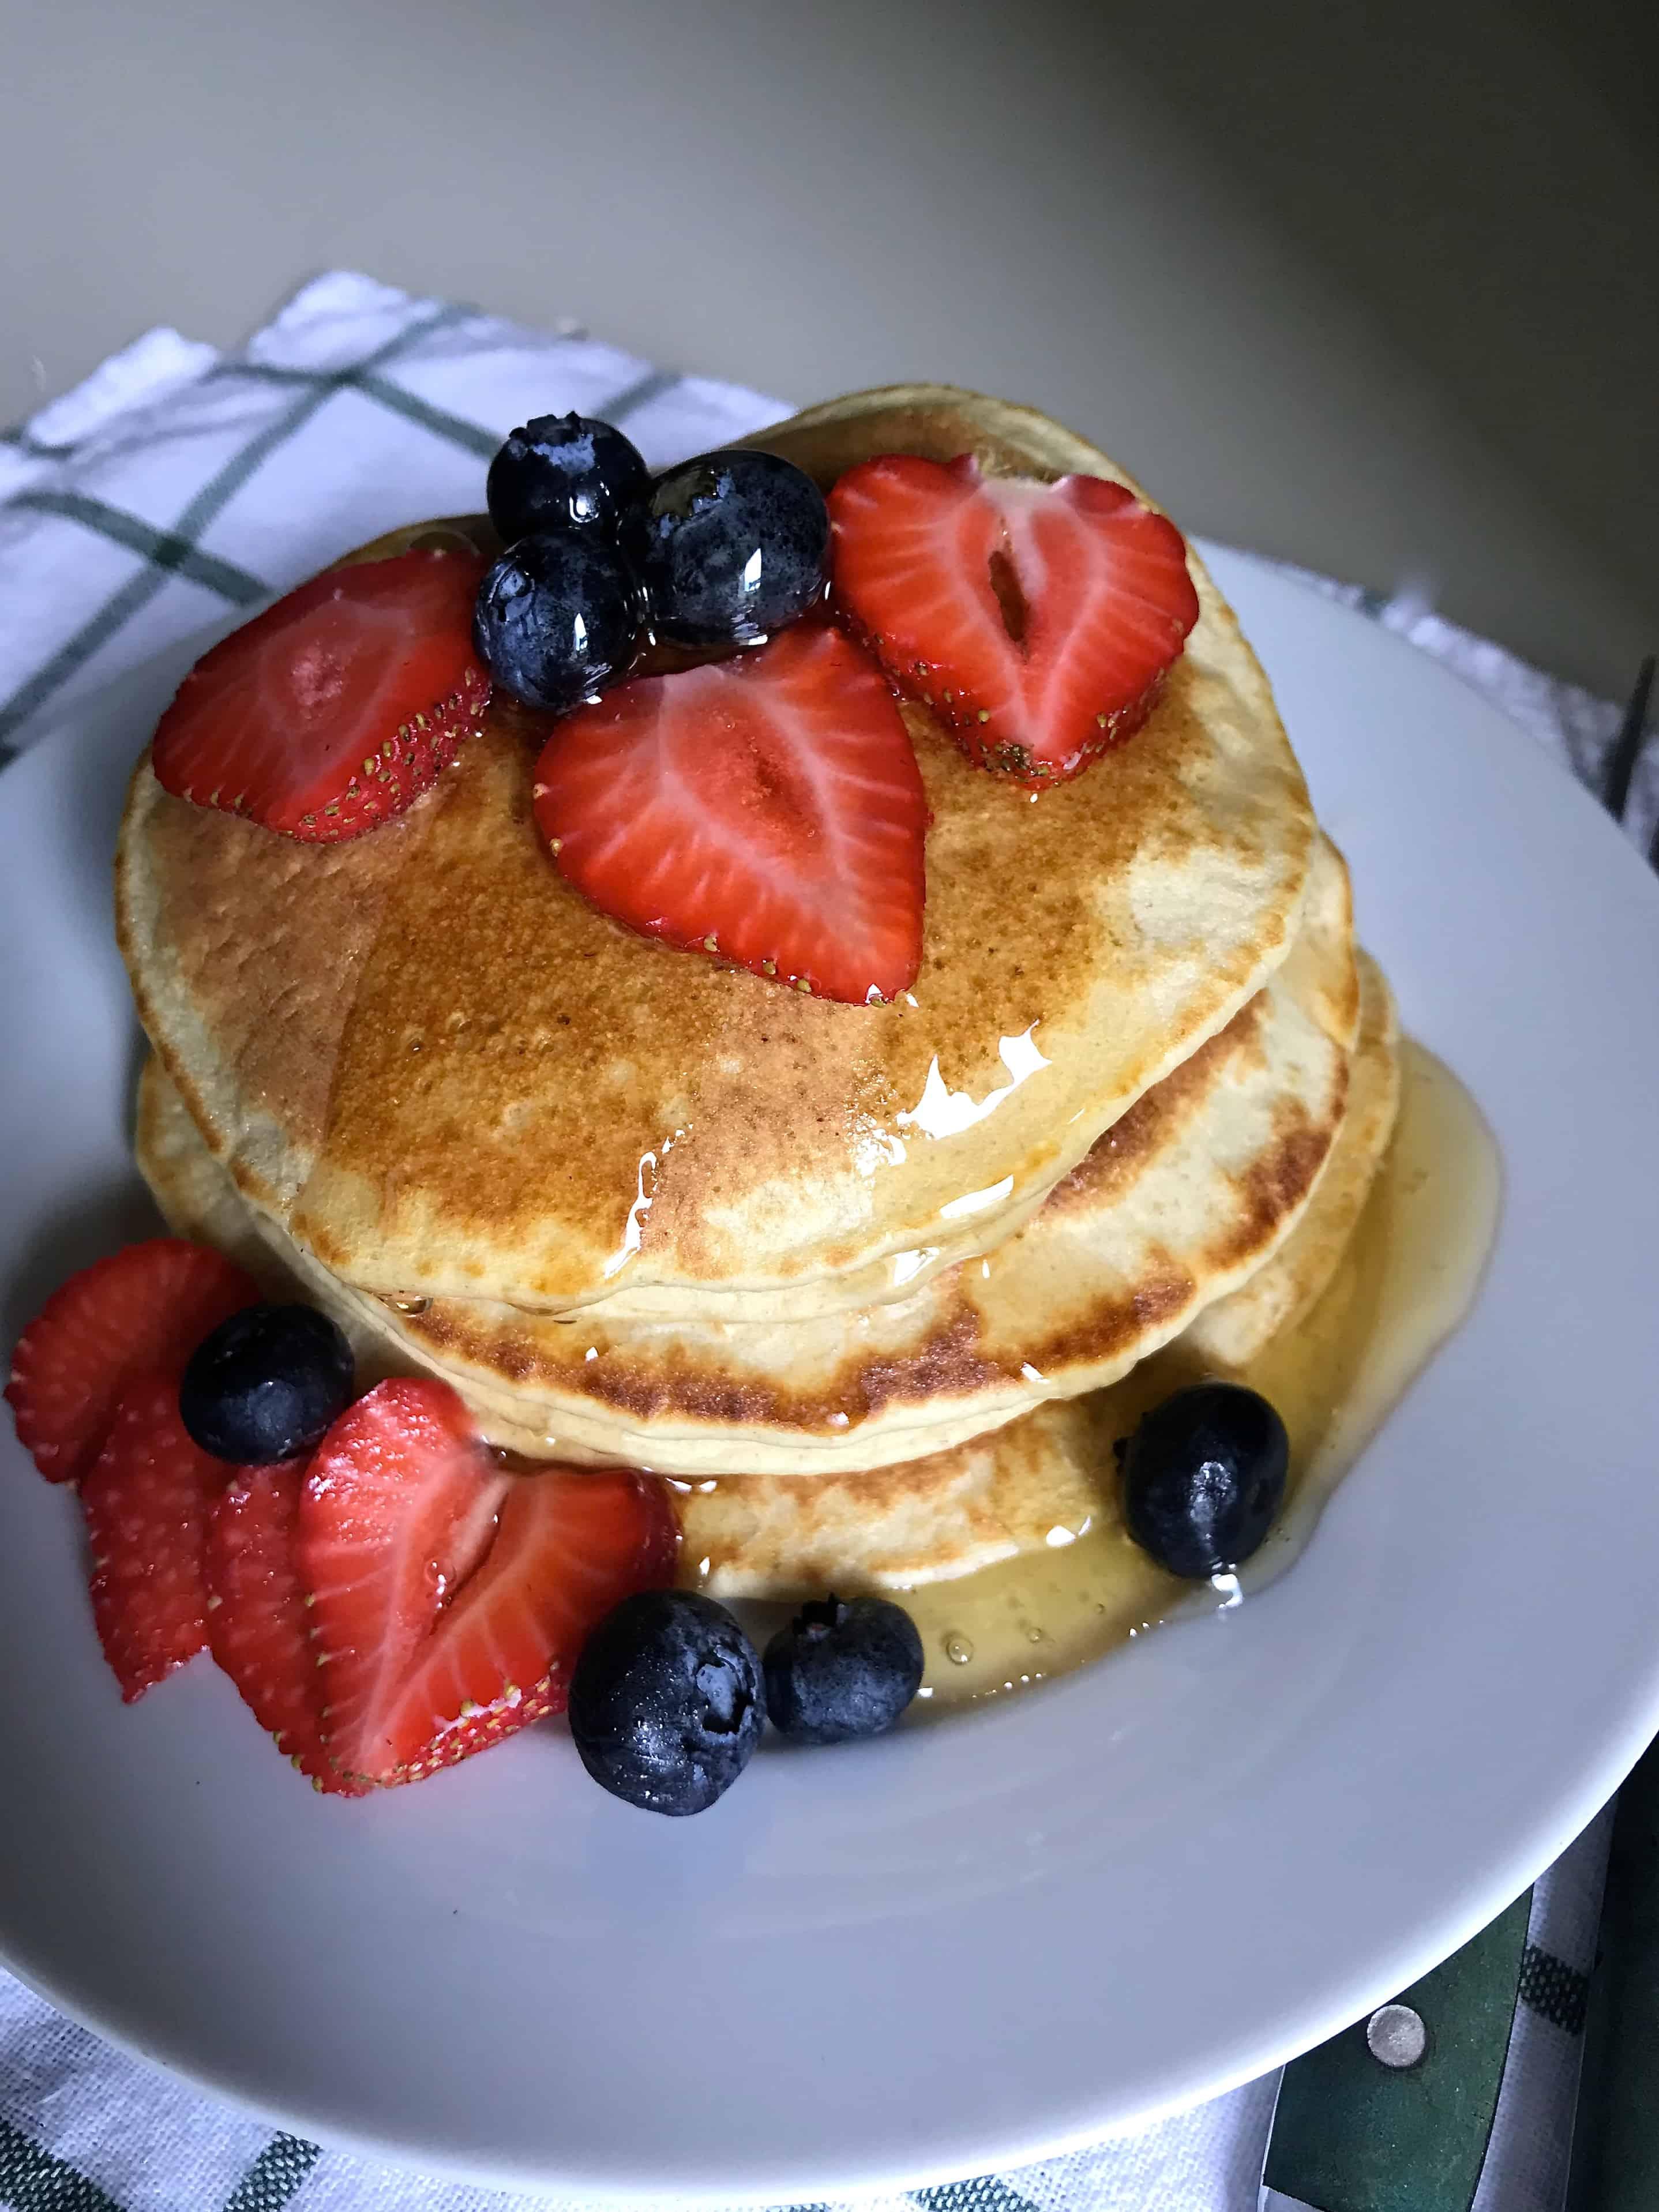 ¿Qué puede ser mas delicioso que desayunarse con pancakes, hot cakes, panquecas o panqueques? ¡Pues que además de sabrosas, sean nutritivas y llenas de fibra!